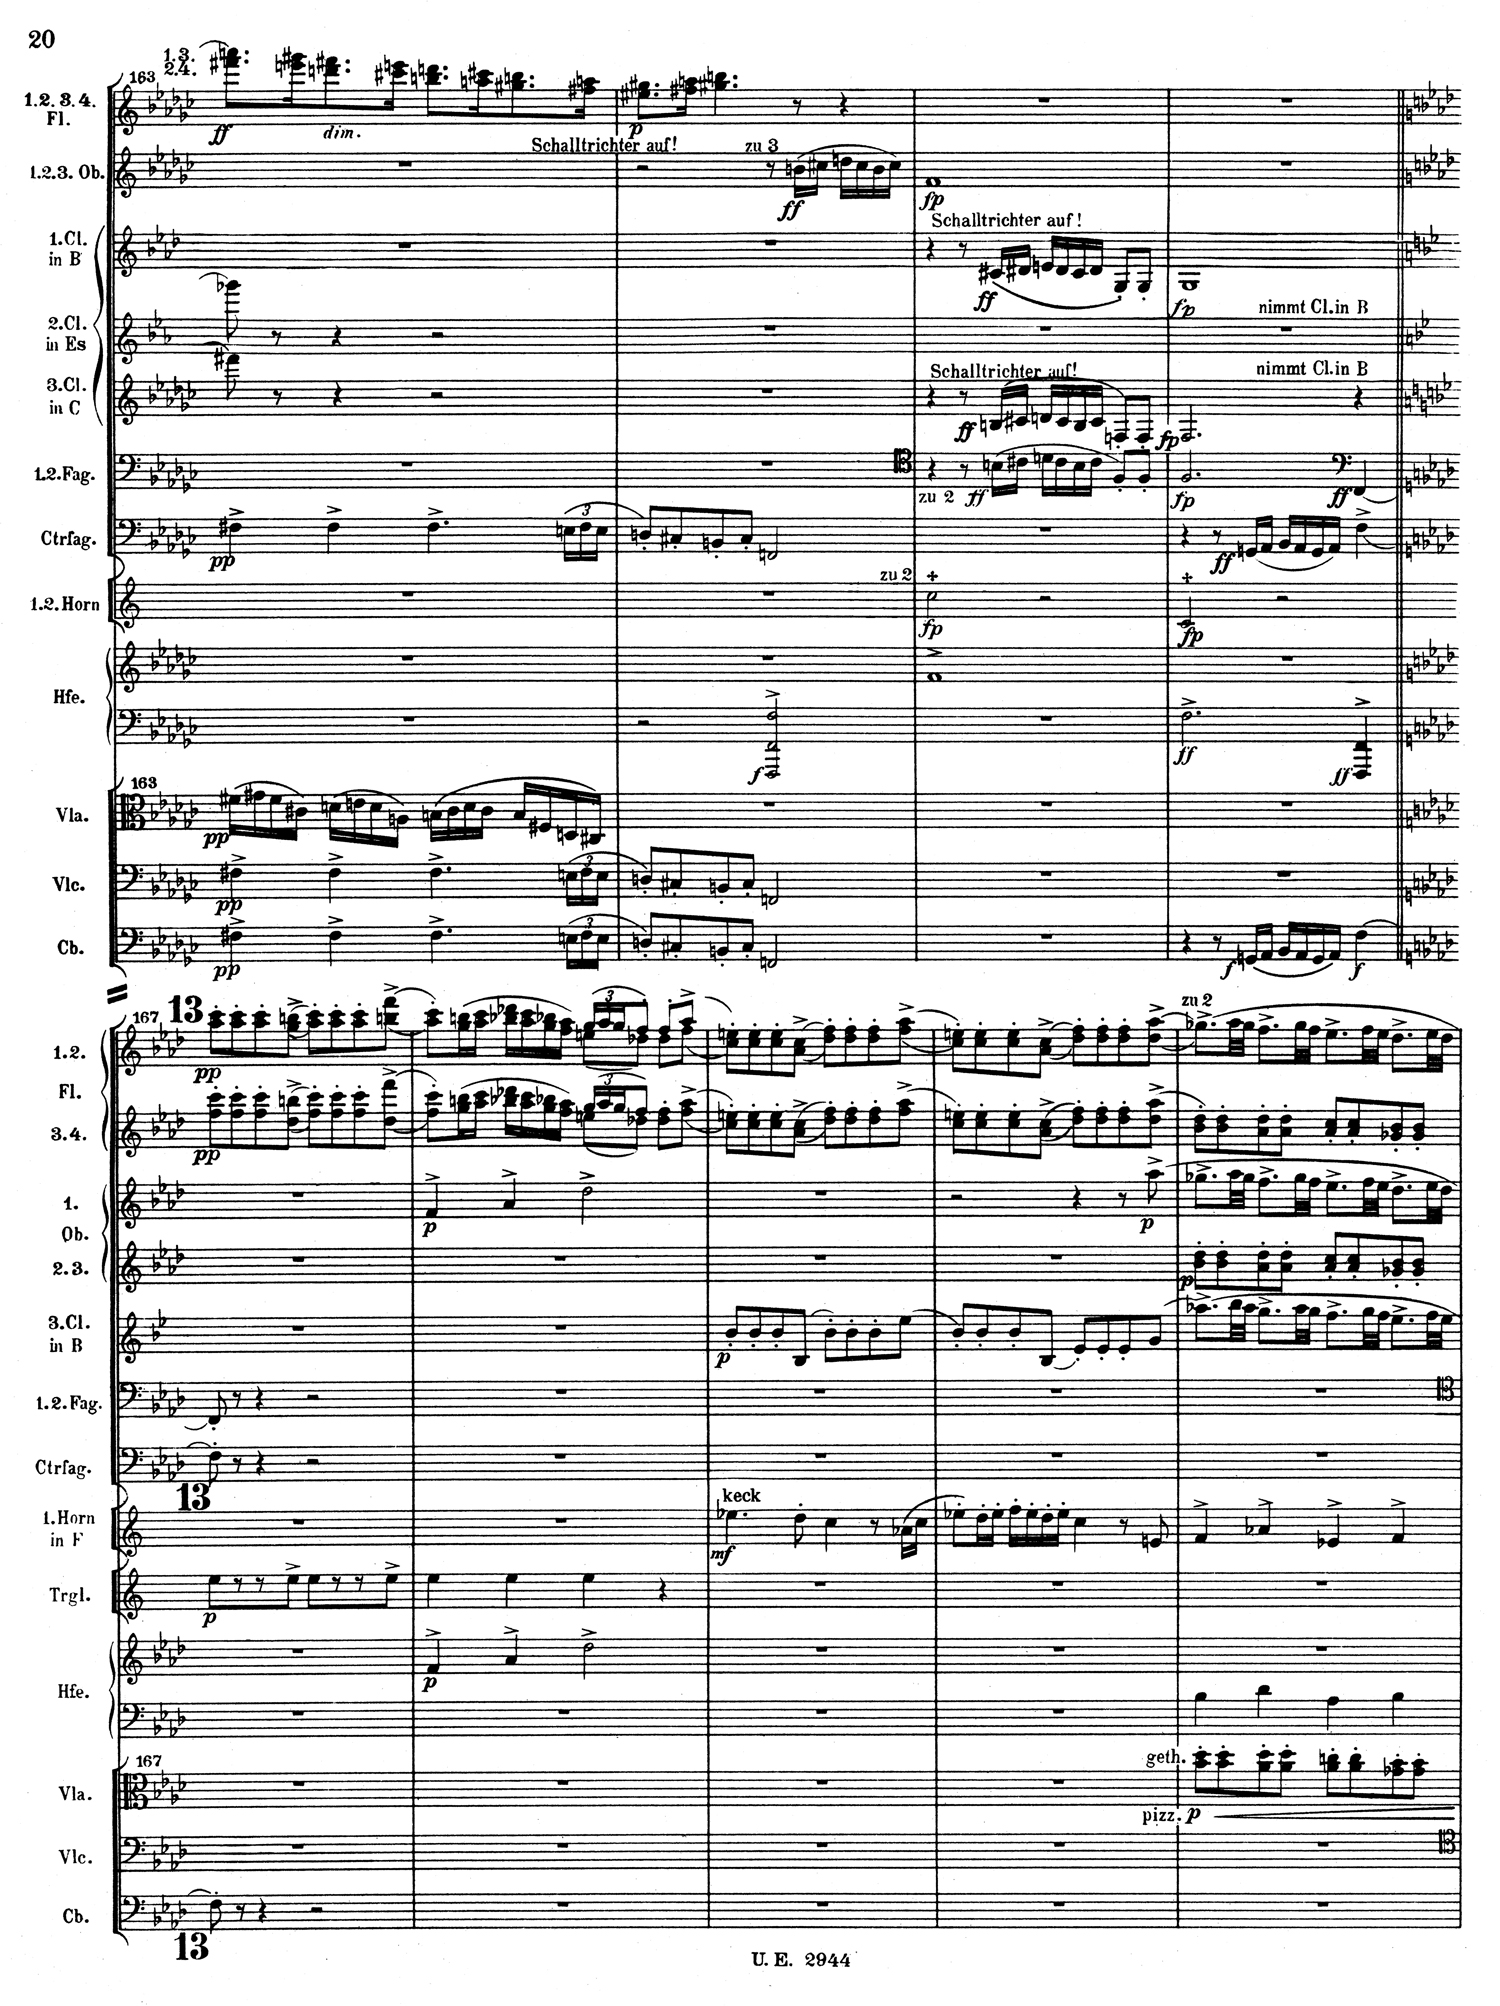 Mahler 4 Score 4.jpg